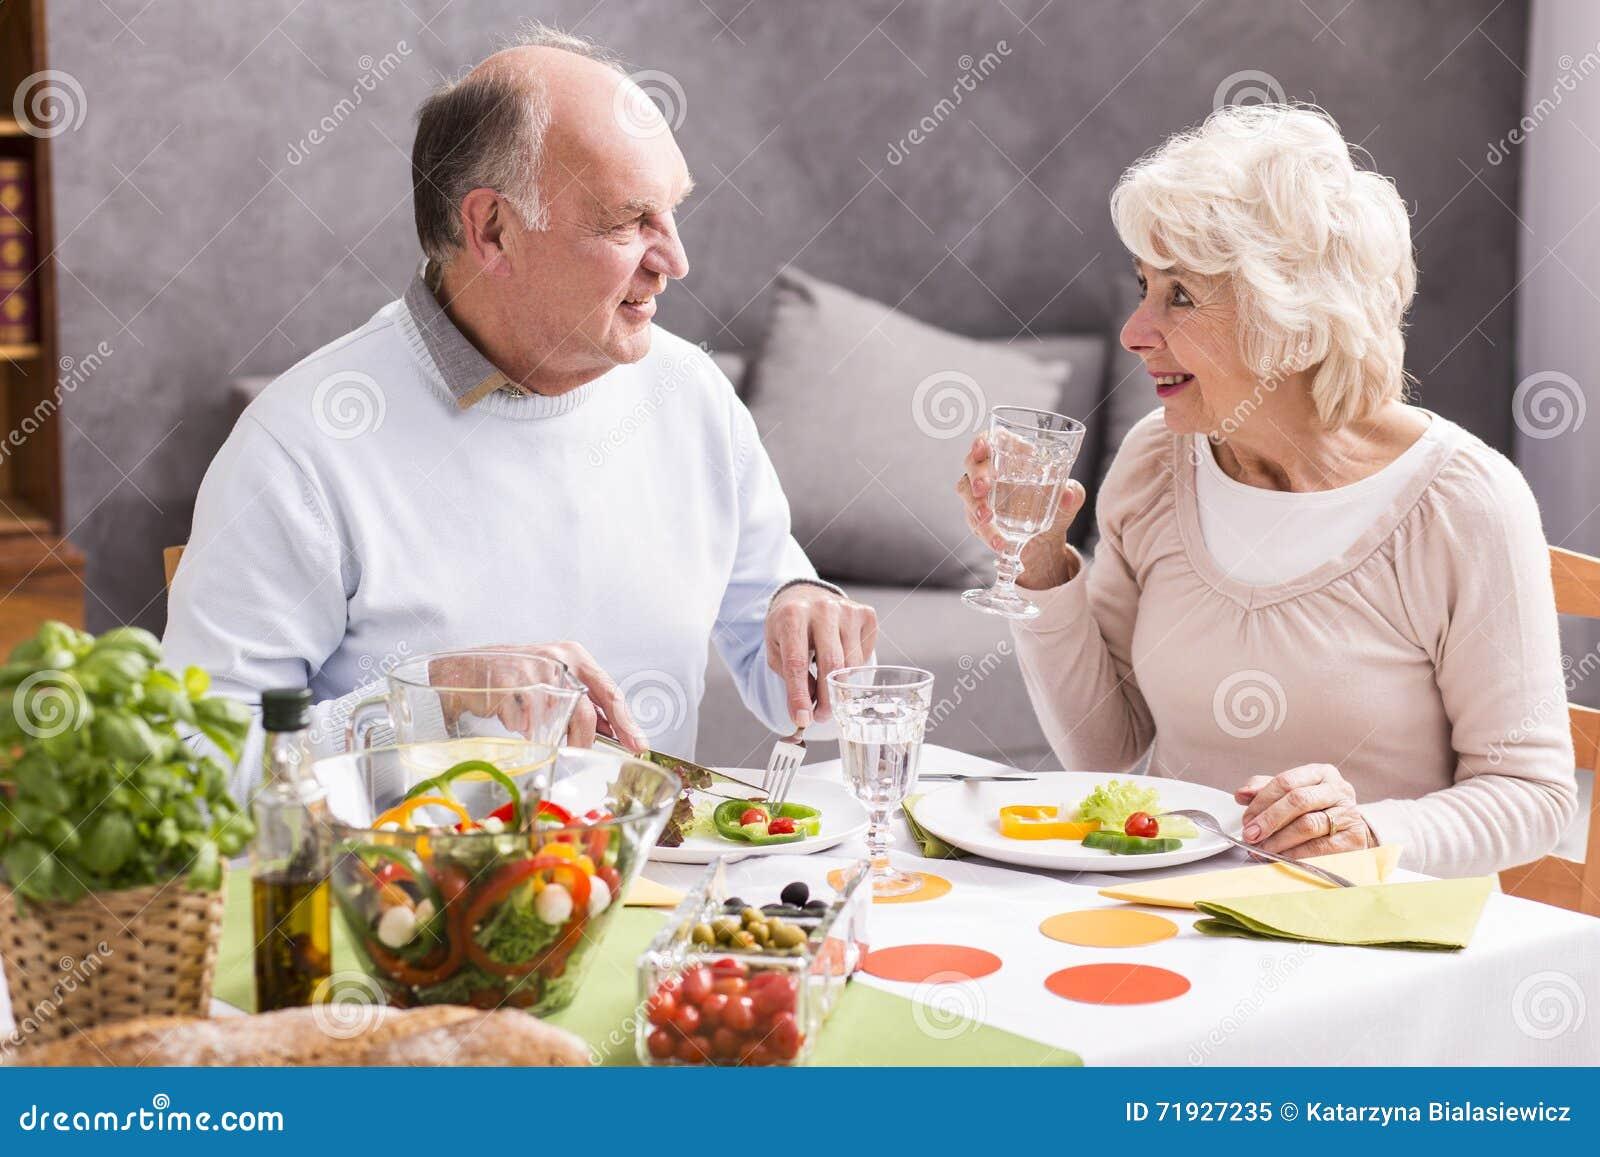 Сделайте вы полюбите салат?